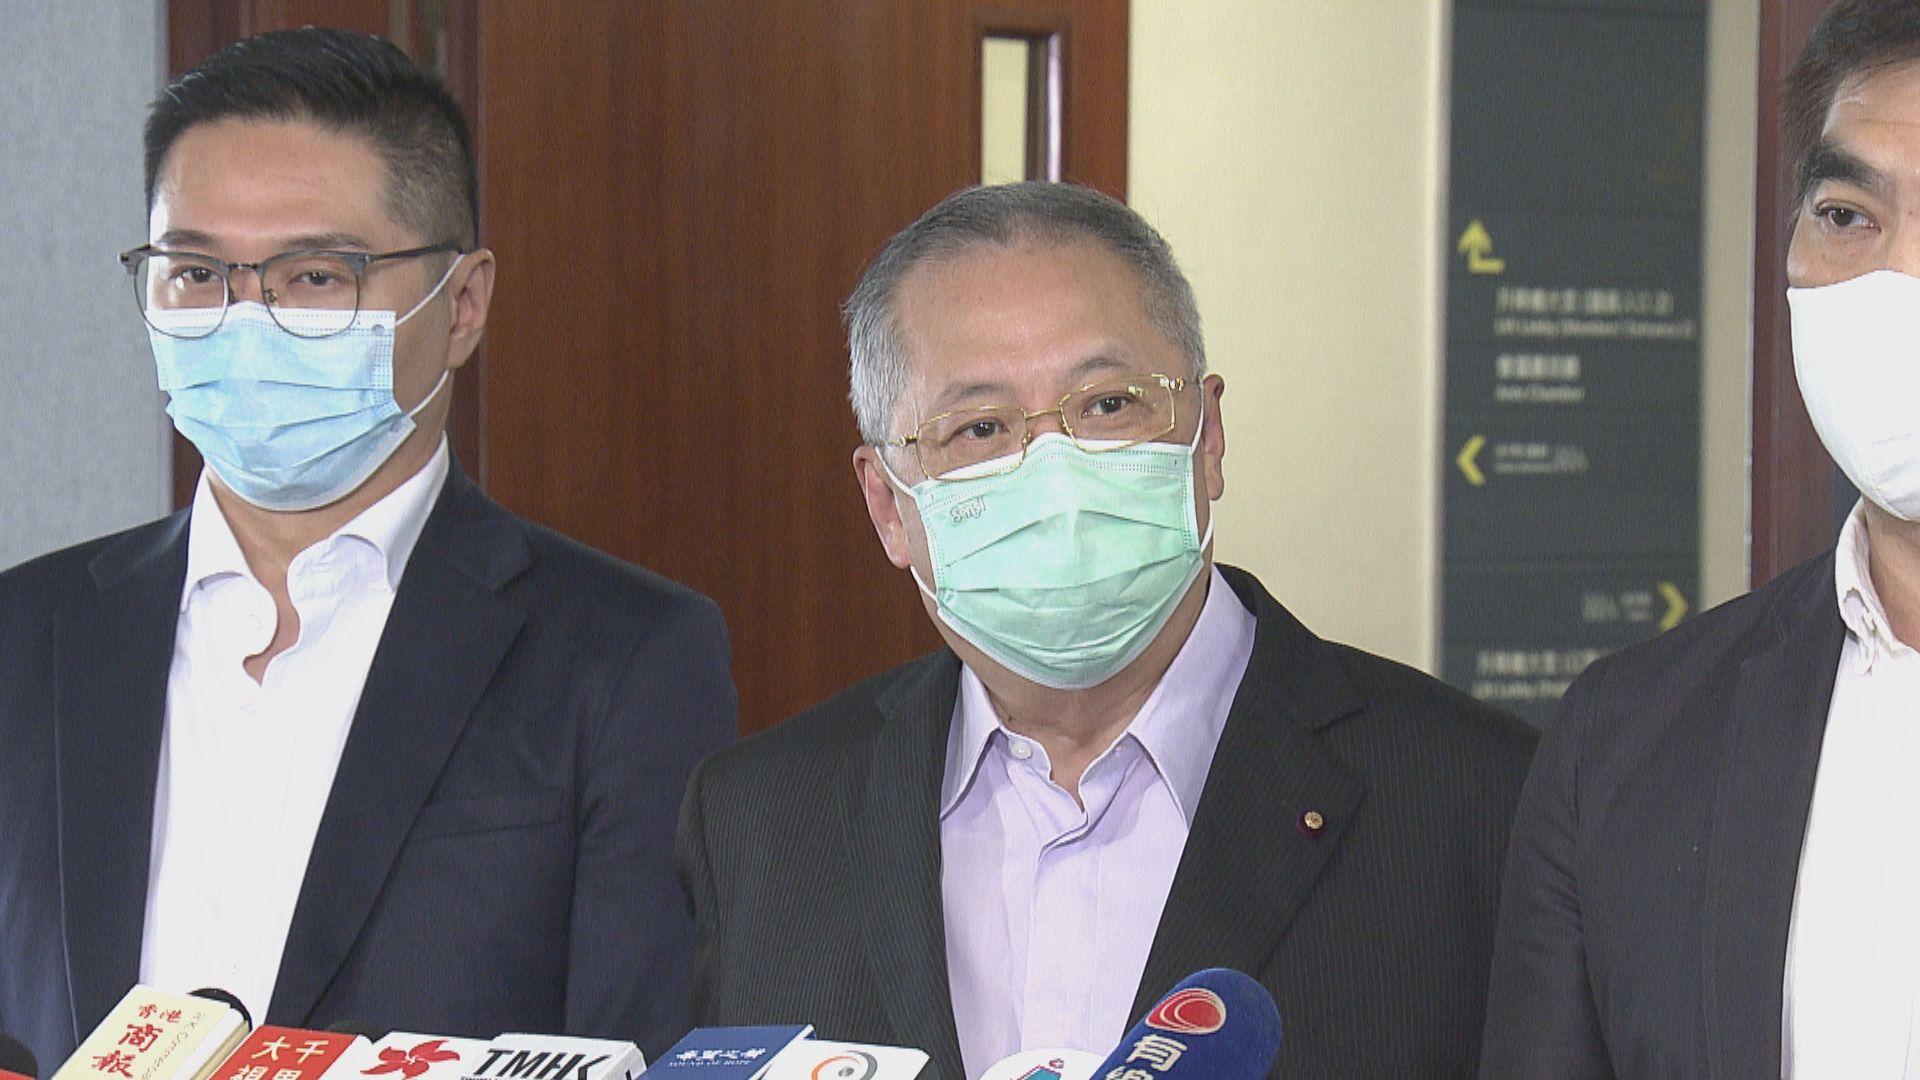 張宇人:李鵬飛離世對香港社會是很大損失